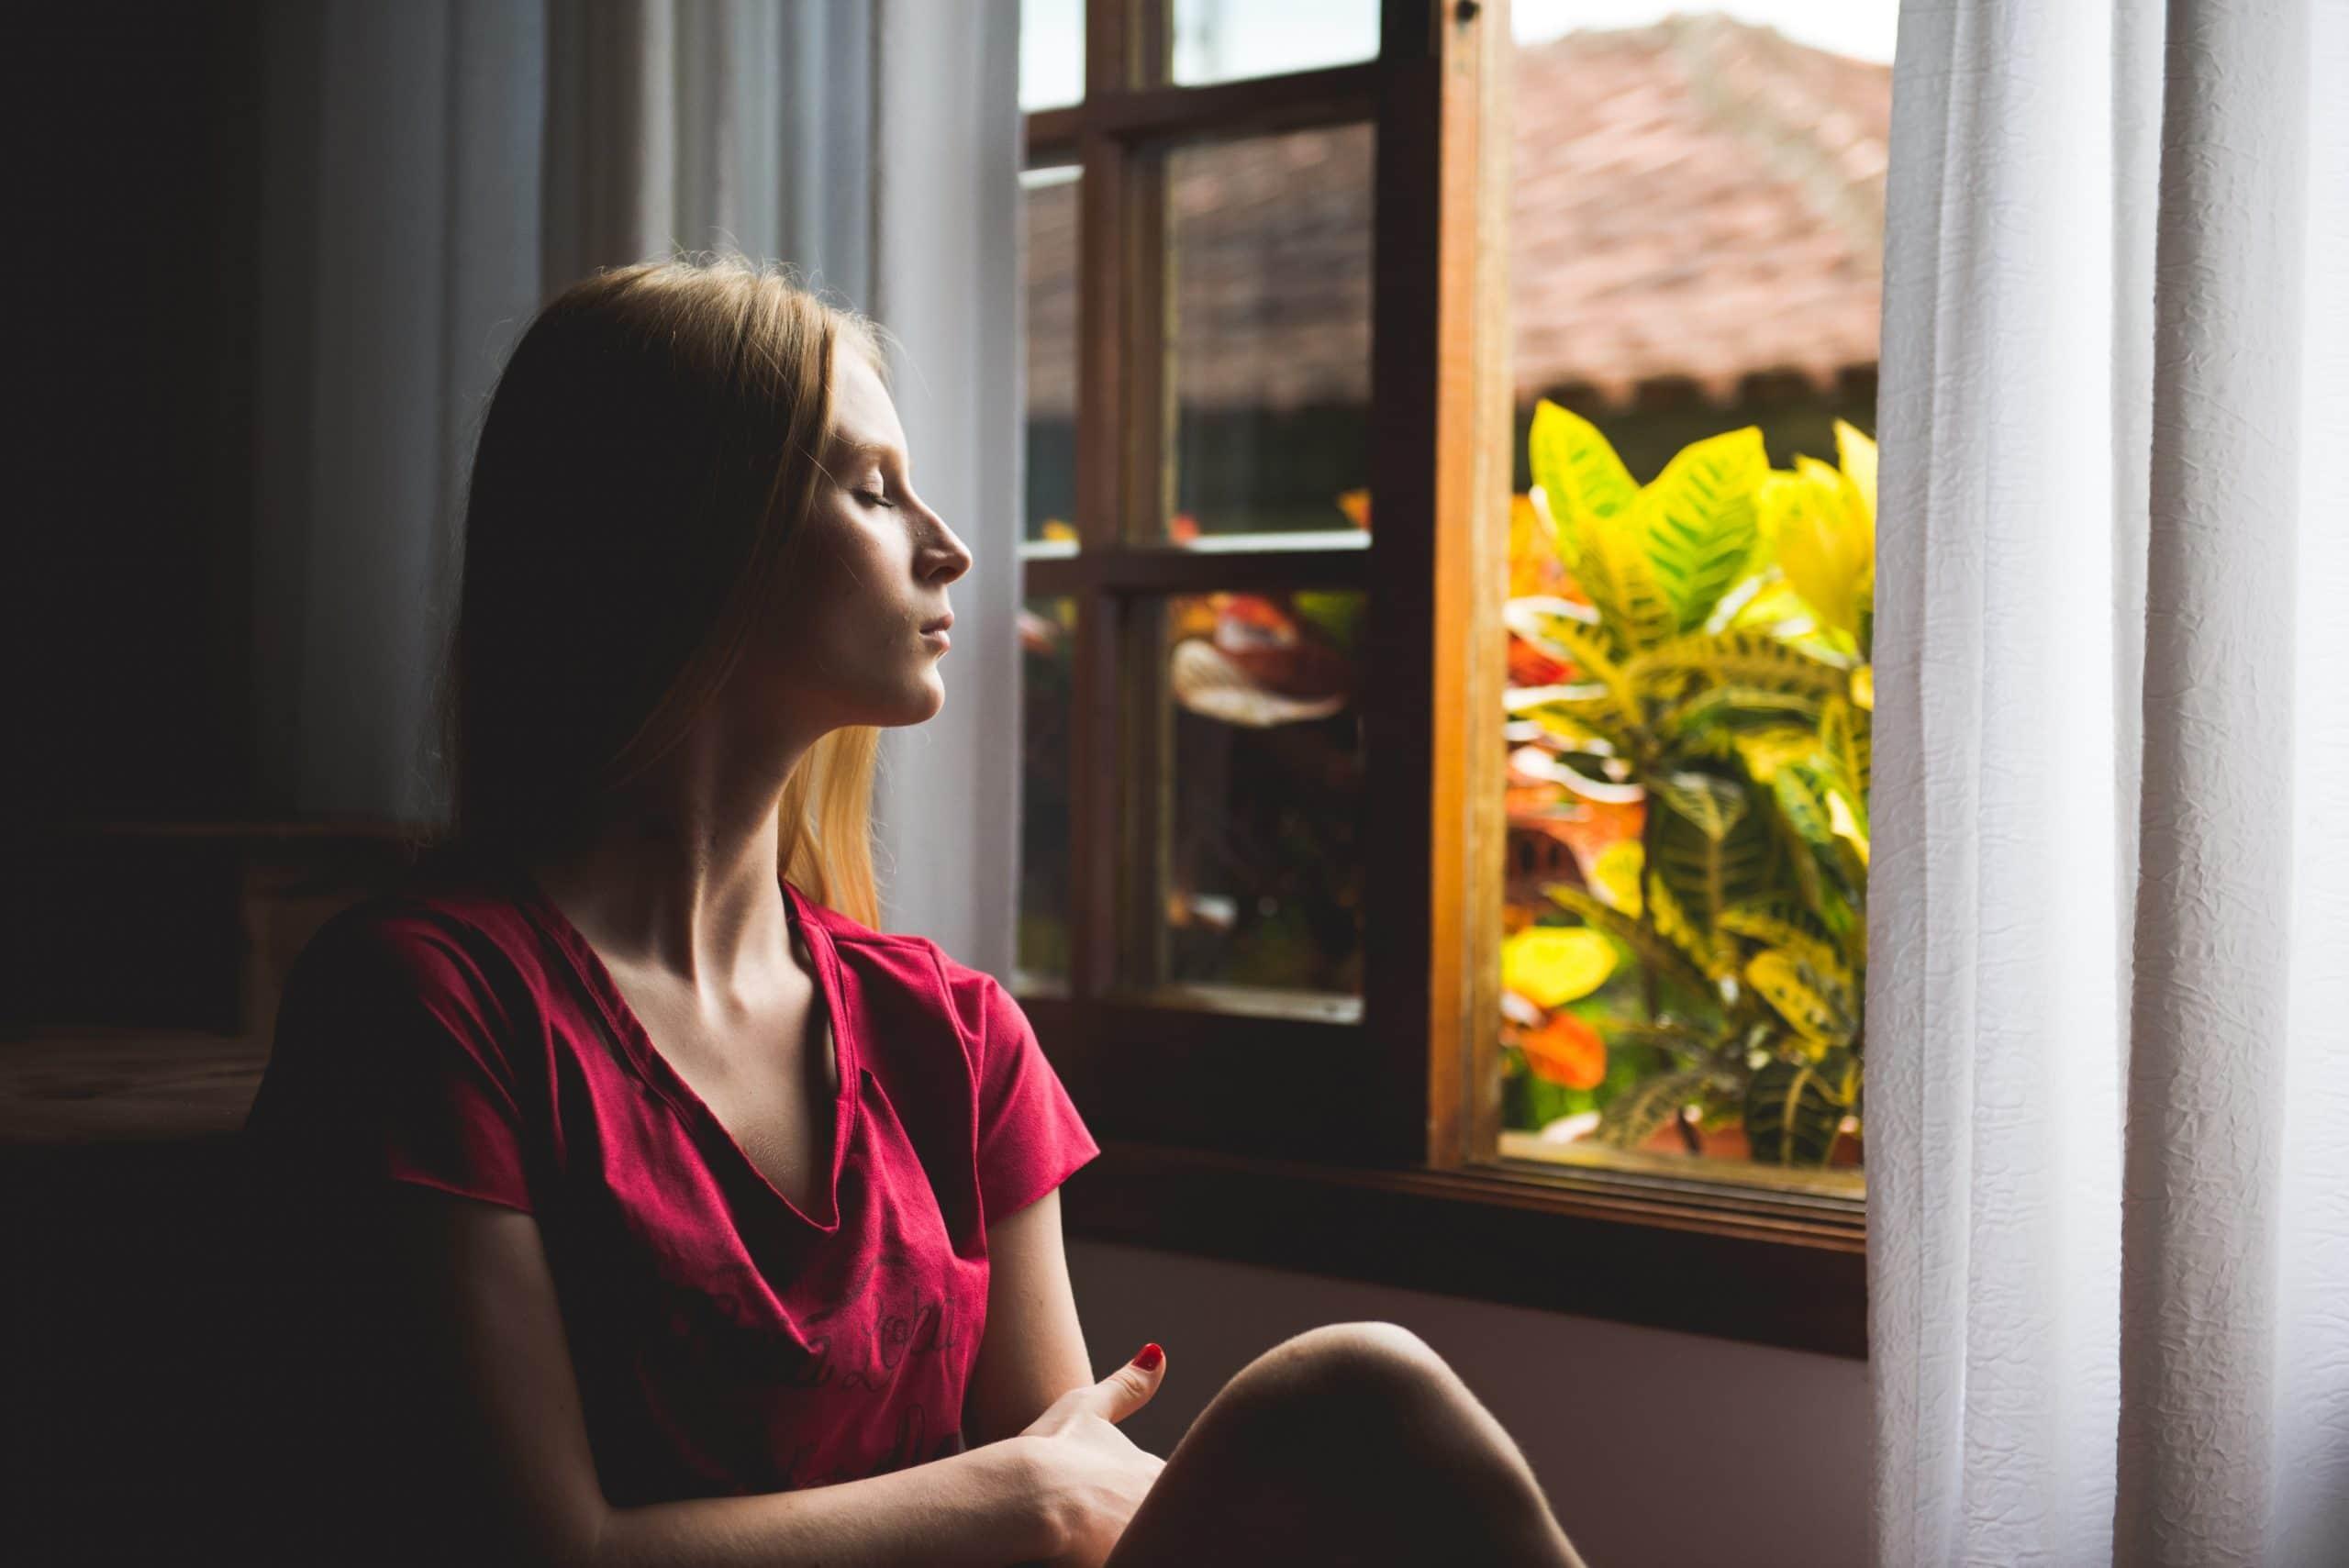 Mulher sem expressão sentada de frente com janela